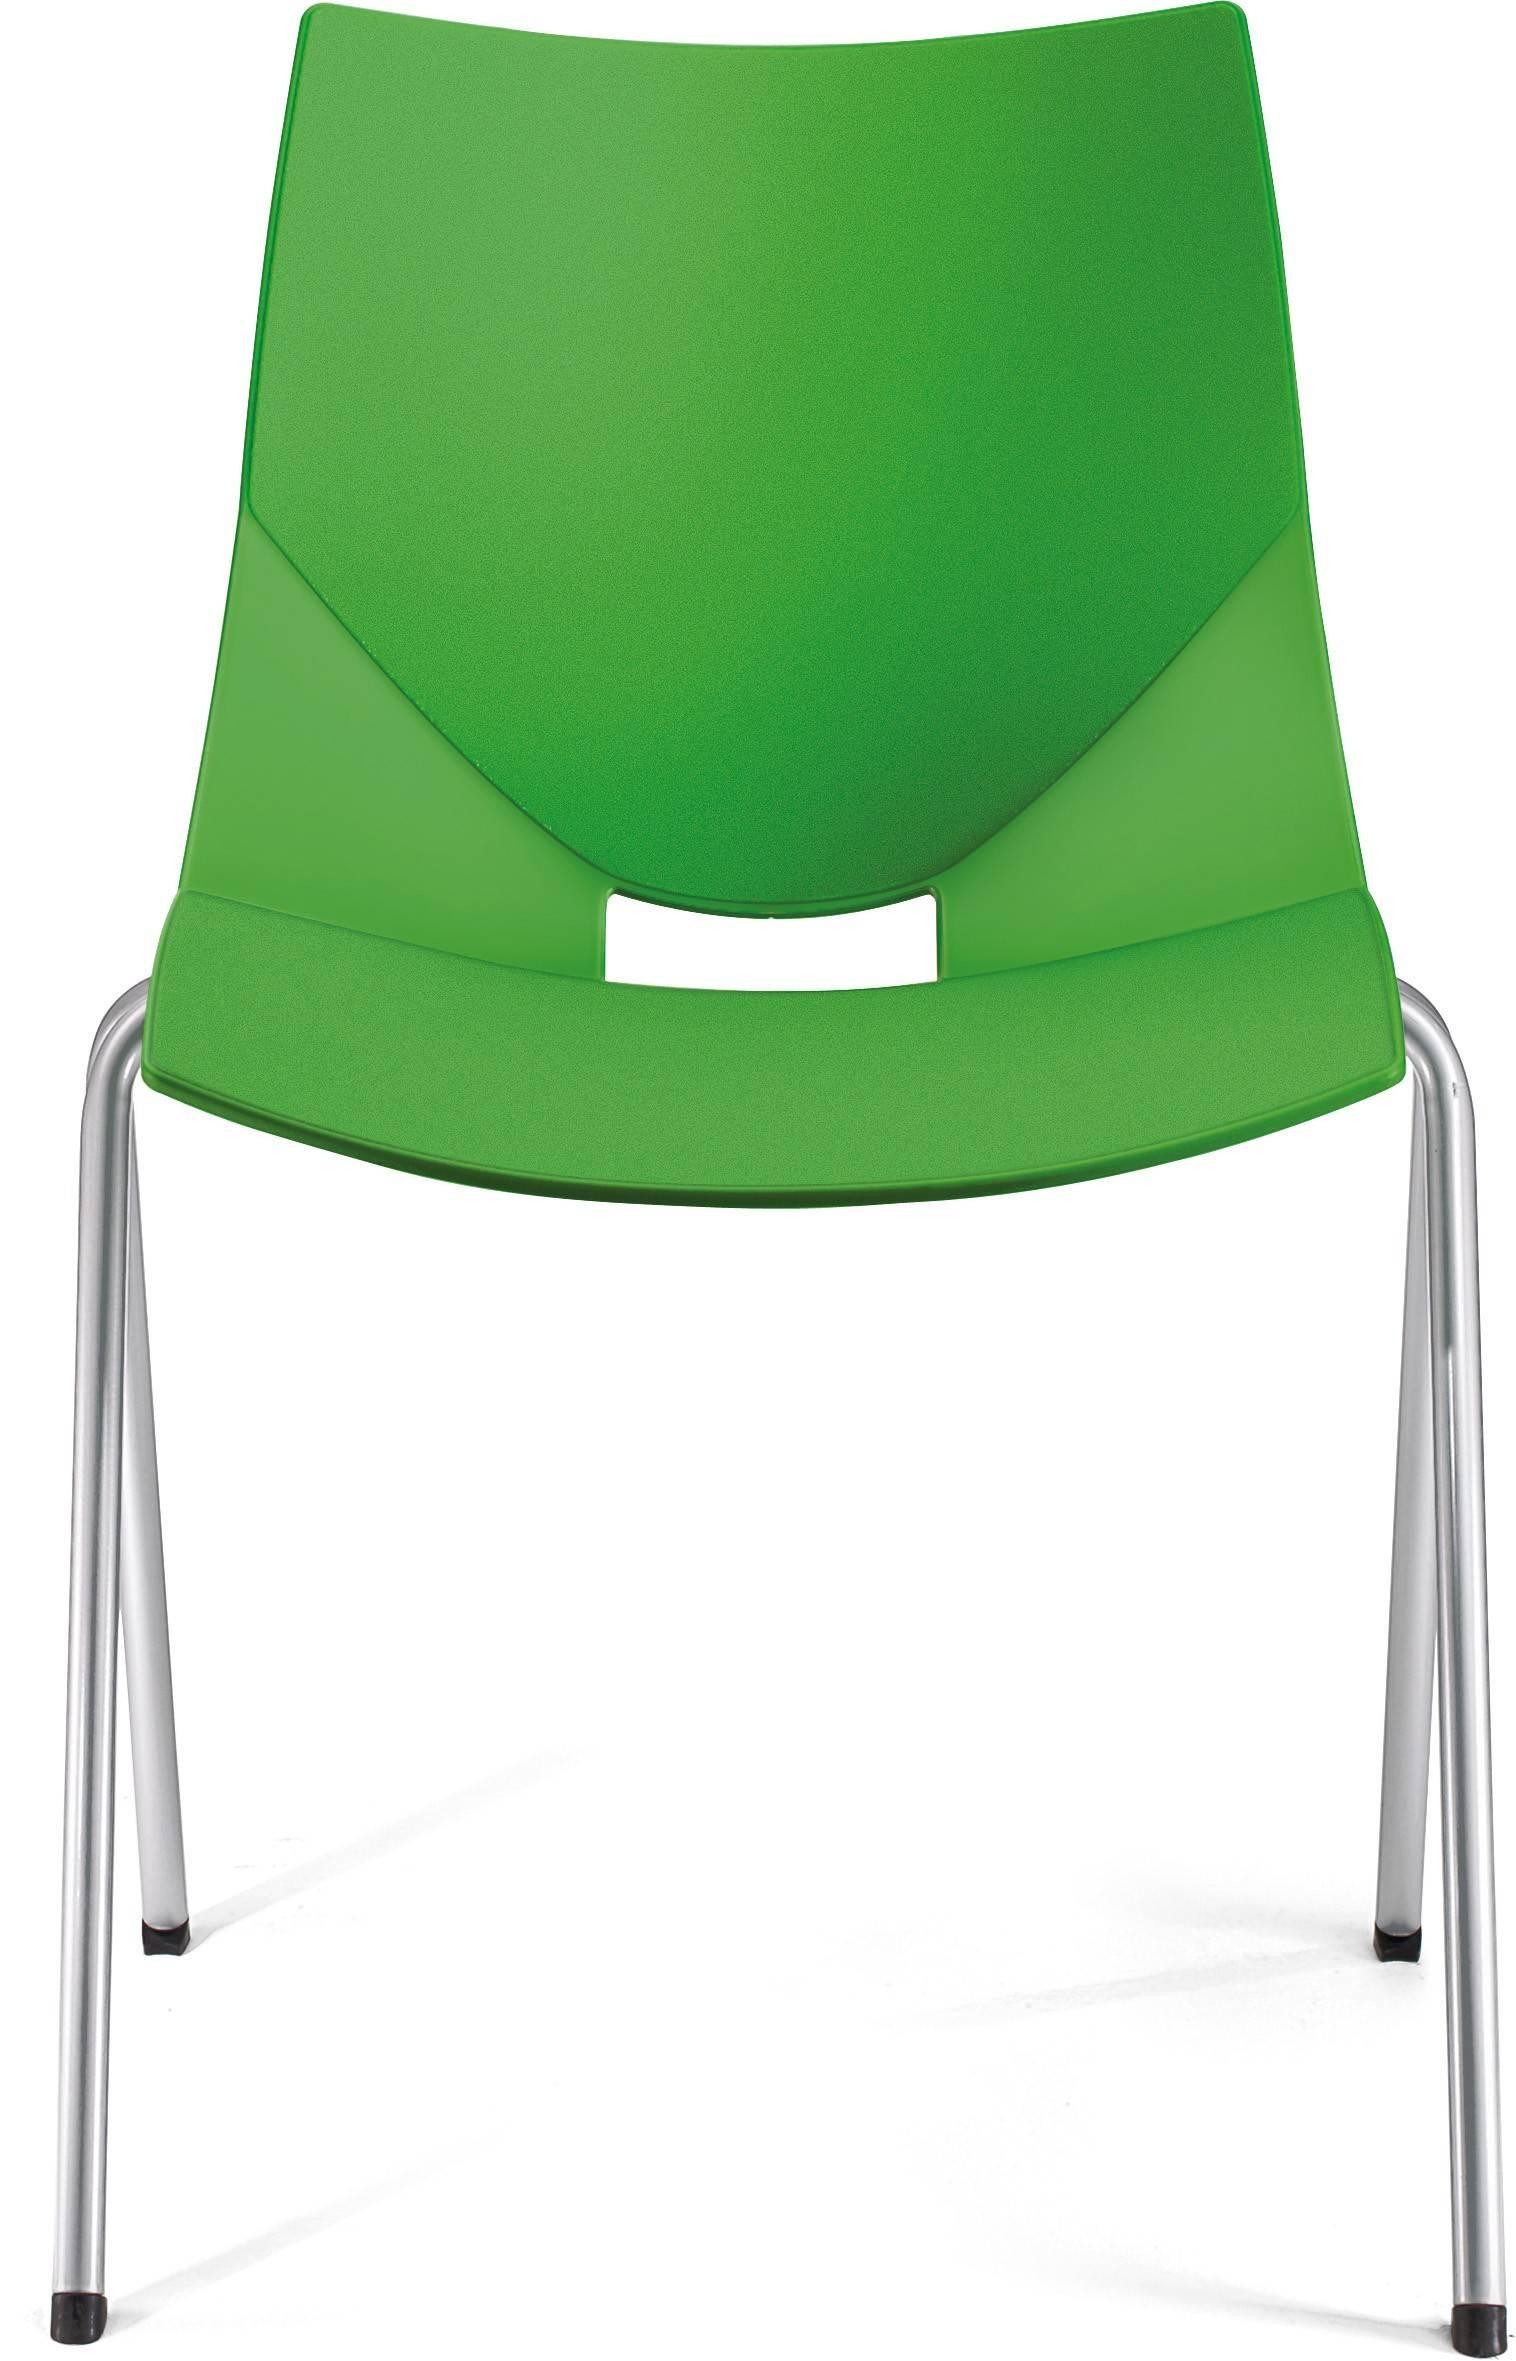 set-4-sedie-sora-in-plastica-verde-con-struttura-in-metallo-finitura-alluminio-made-in-italy.jpg